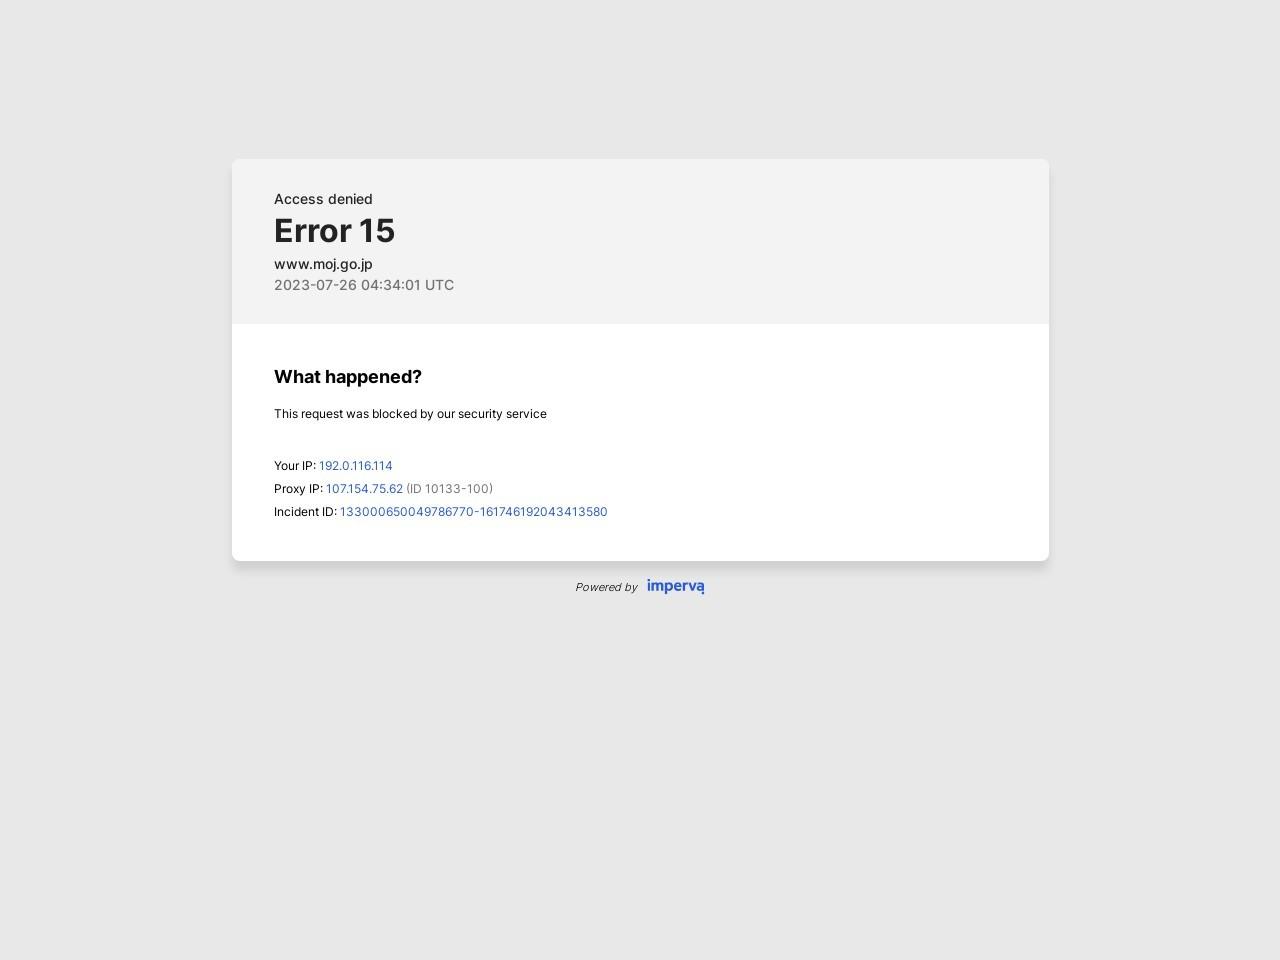 人権啓発デジタルコンテンツ(法務省)